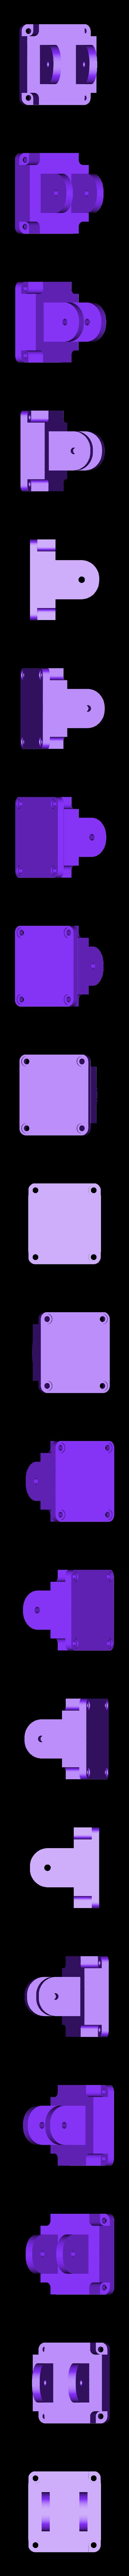 Bugs3_insert.stl Télécharger fichier STL gratuit Bugs 3 - Montage sur Runcam mod. (convient probablement à Mobius et d'autres) • Design imprimable en 3D, Thomllama